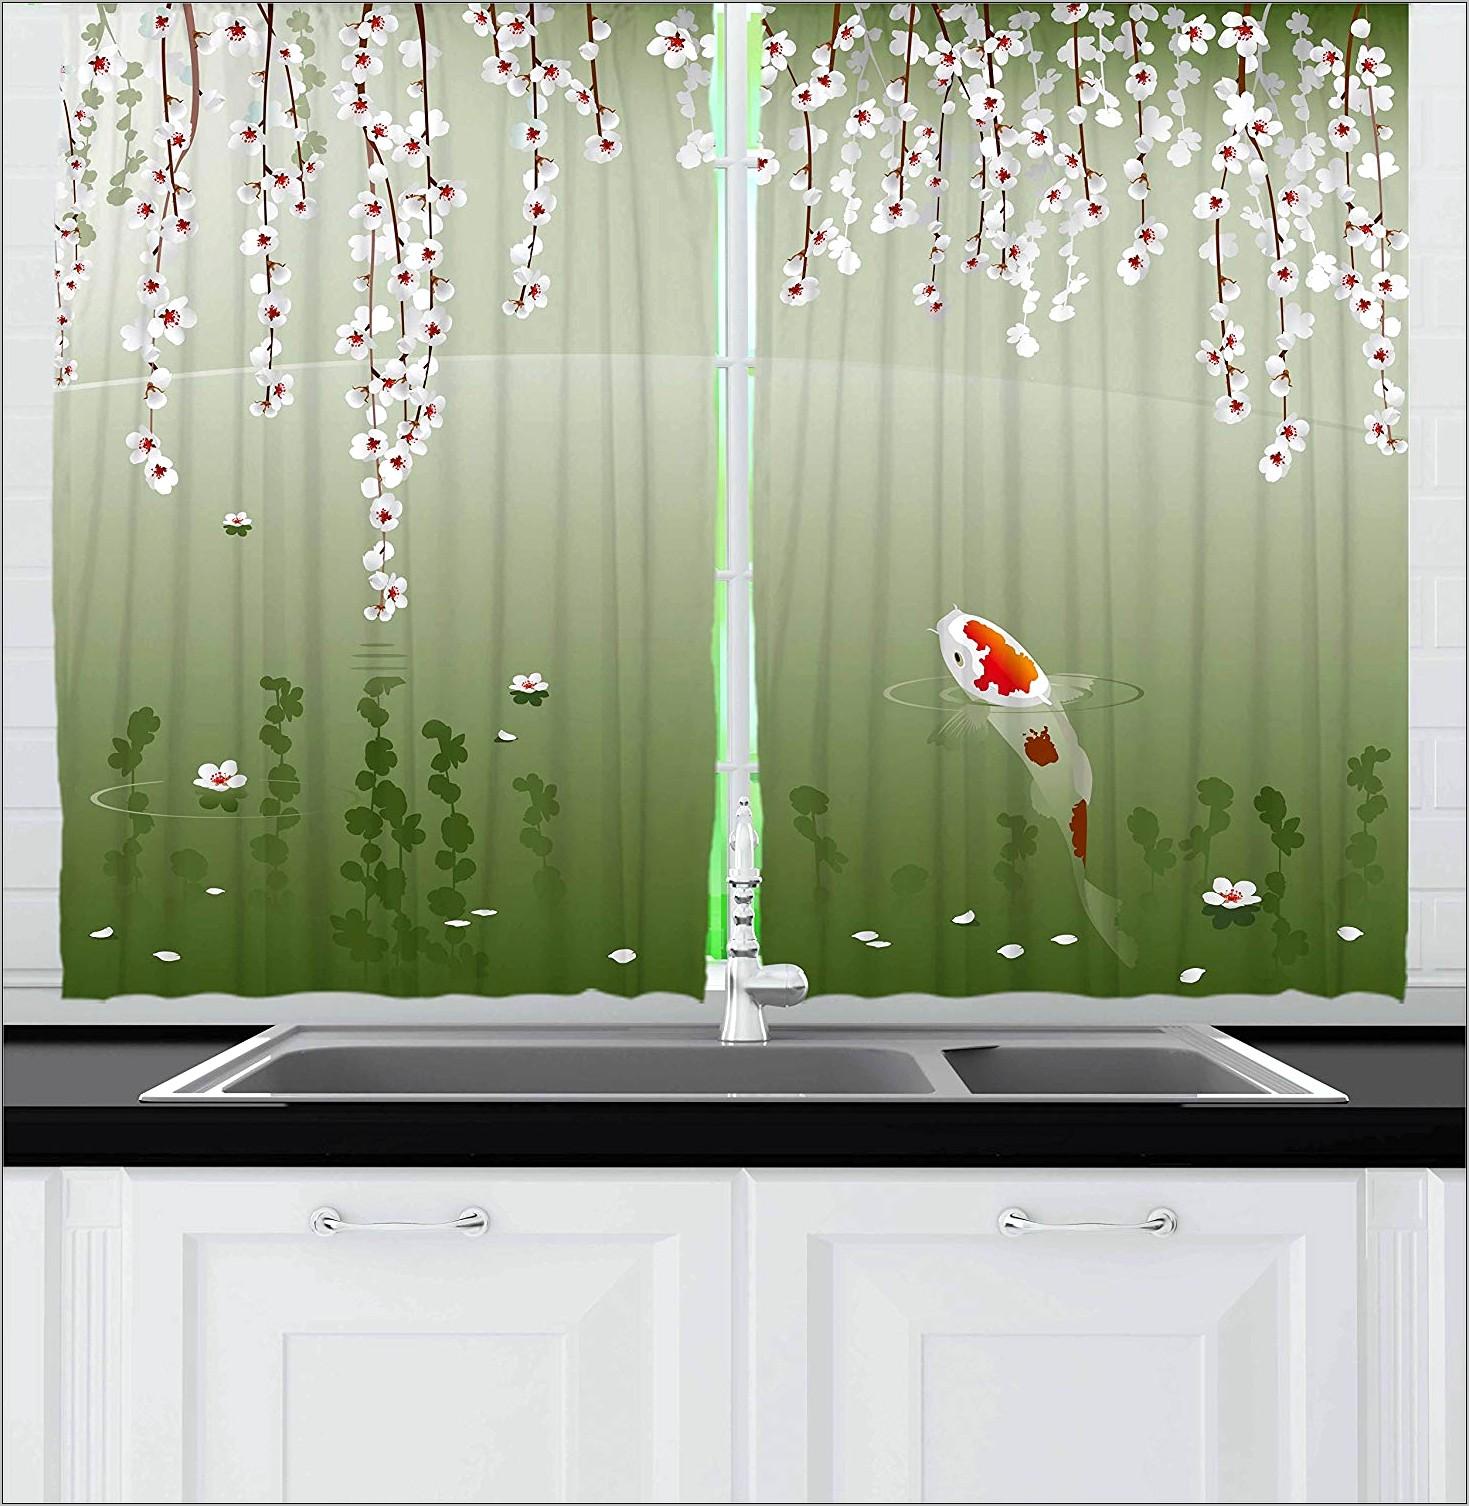 Red Vertical Fish Kitchen Decor